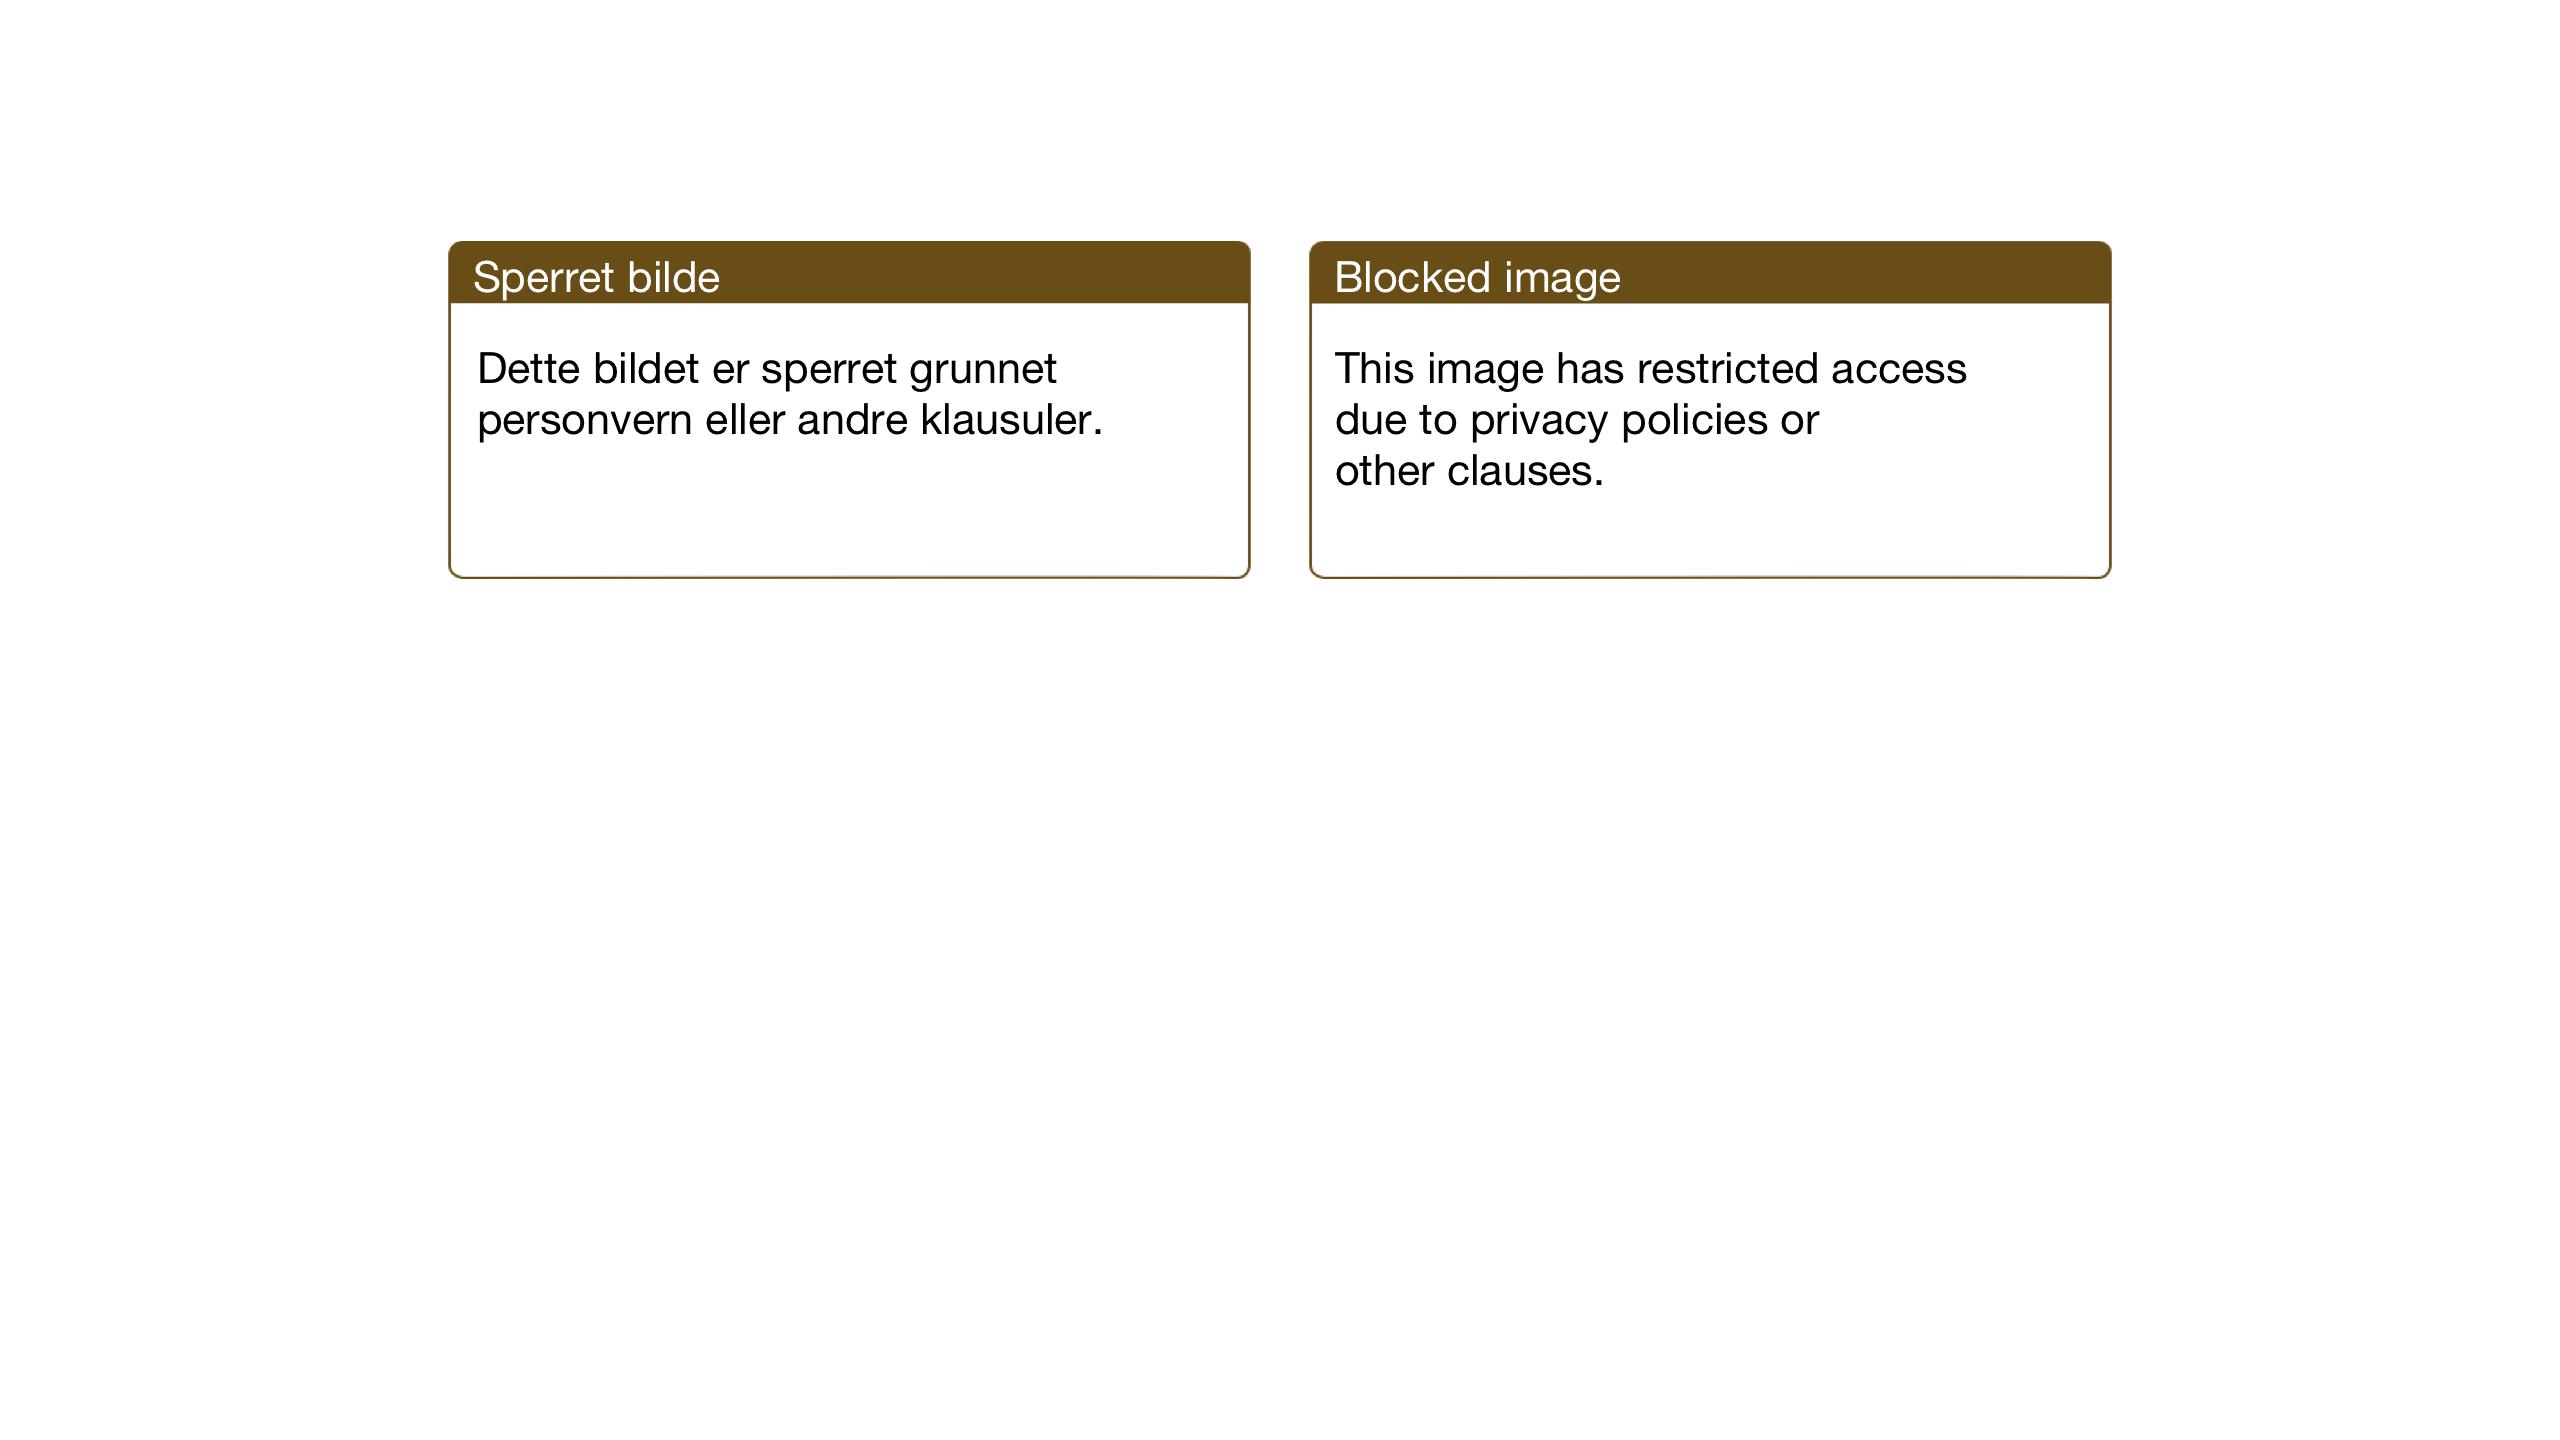 SAT, Ministerialprotokoller, klokkerbøker og fødselsregistre - Sør-Trøndelag, 659/L0750: Klokkerbok nr. 659C07, 1914-1940, s. 16